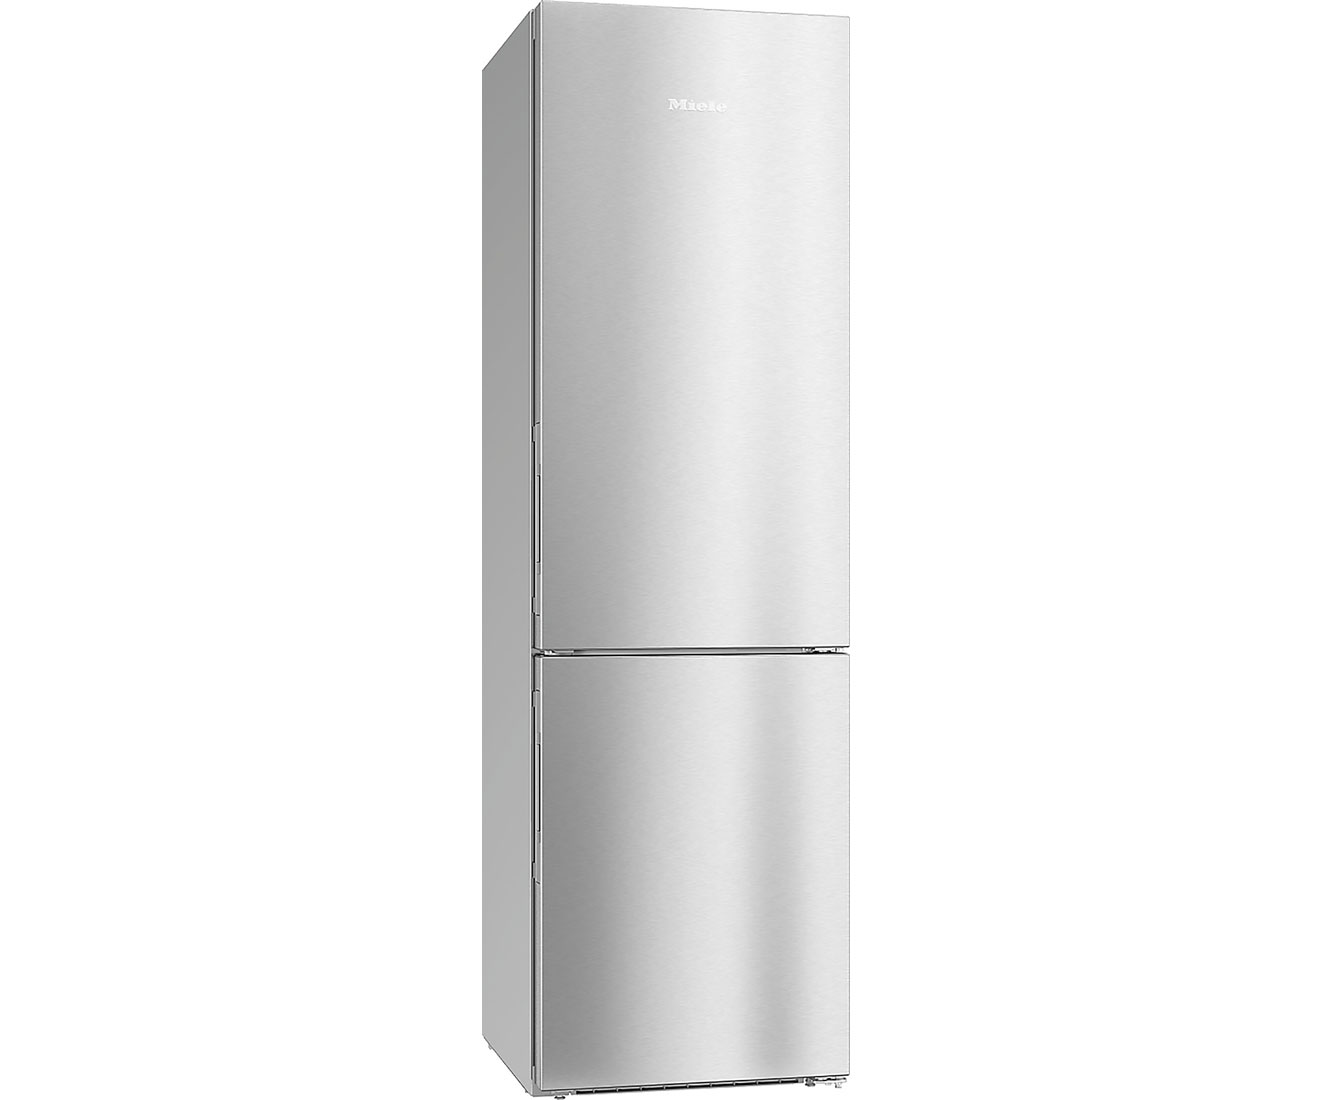 Miele KFN 29233 EDT/CS Kühl-Gefrierkombinationen - Edelstahl | Küche und Esszimmer > Küchenelektrogeräte > Kühl-Gefrierkombis | Edelstahl | Miele